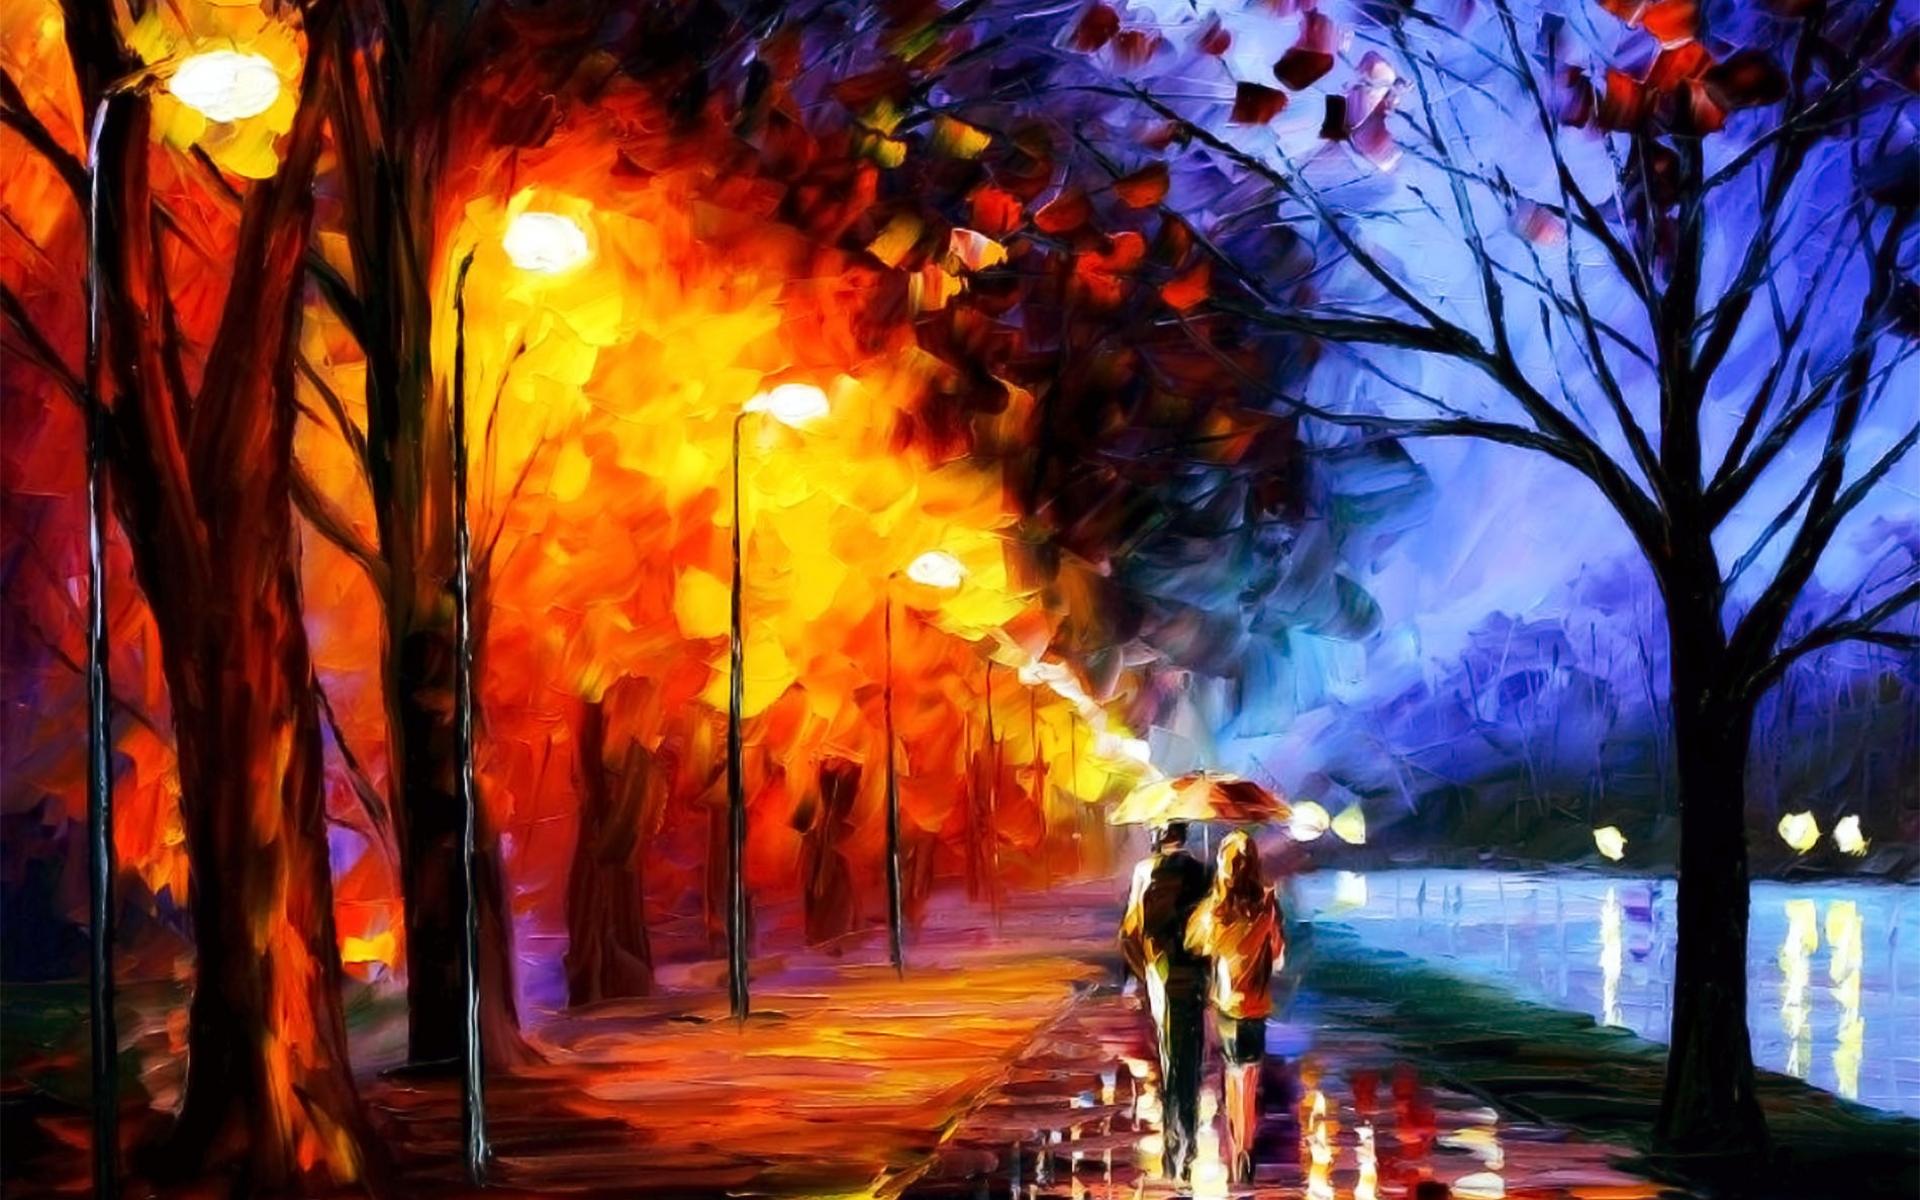 Walk on Art